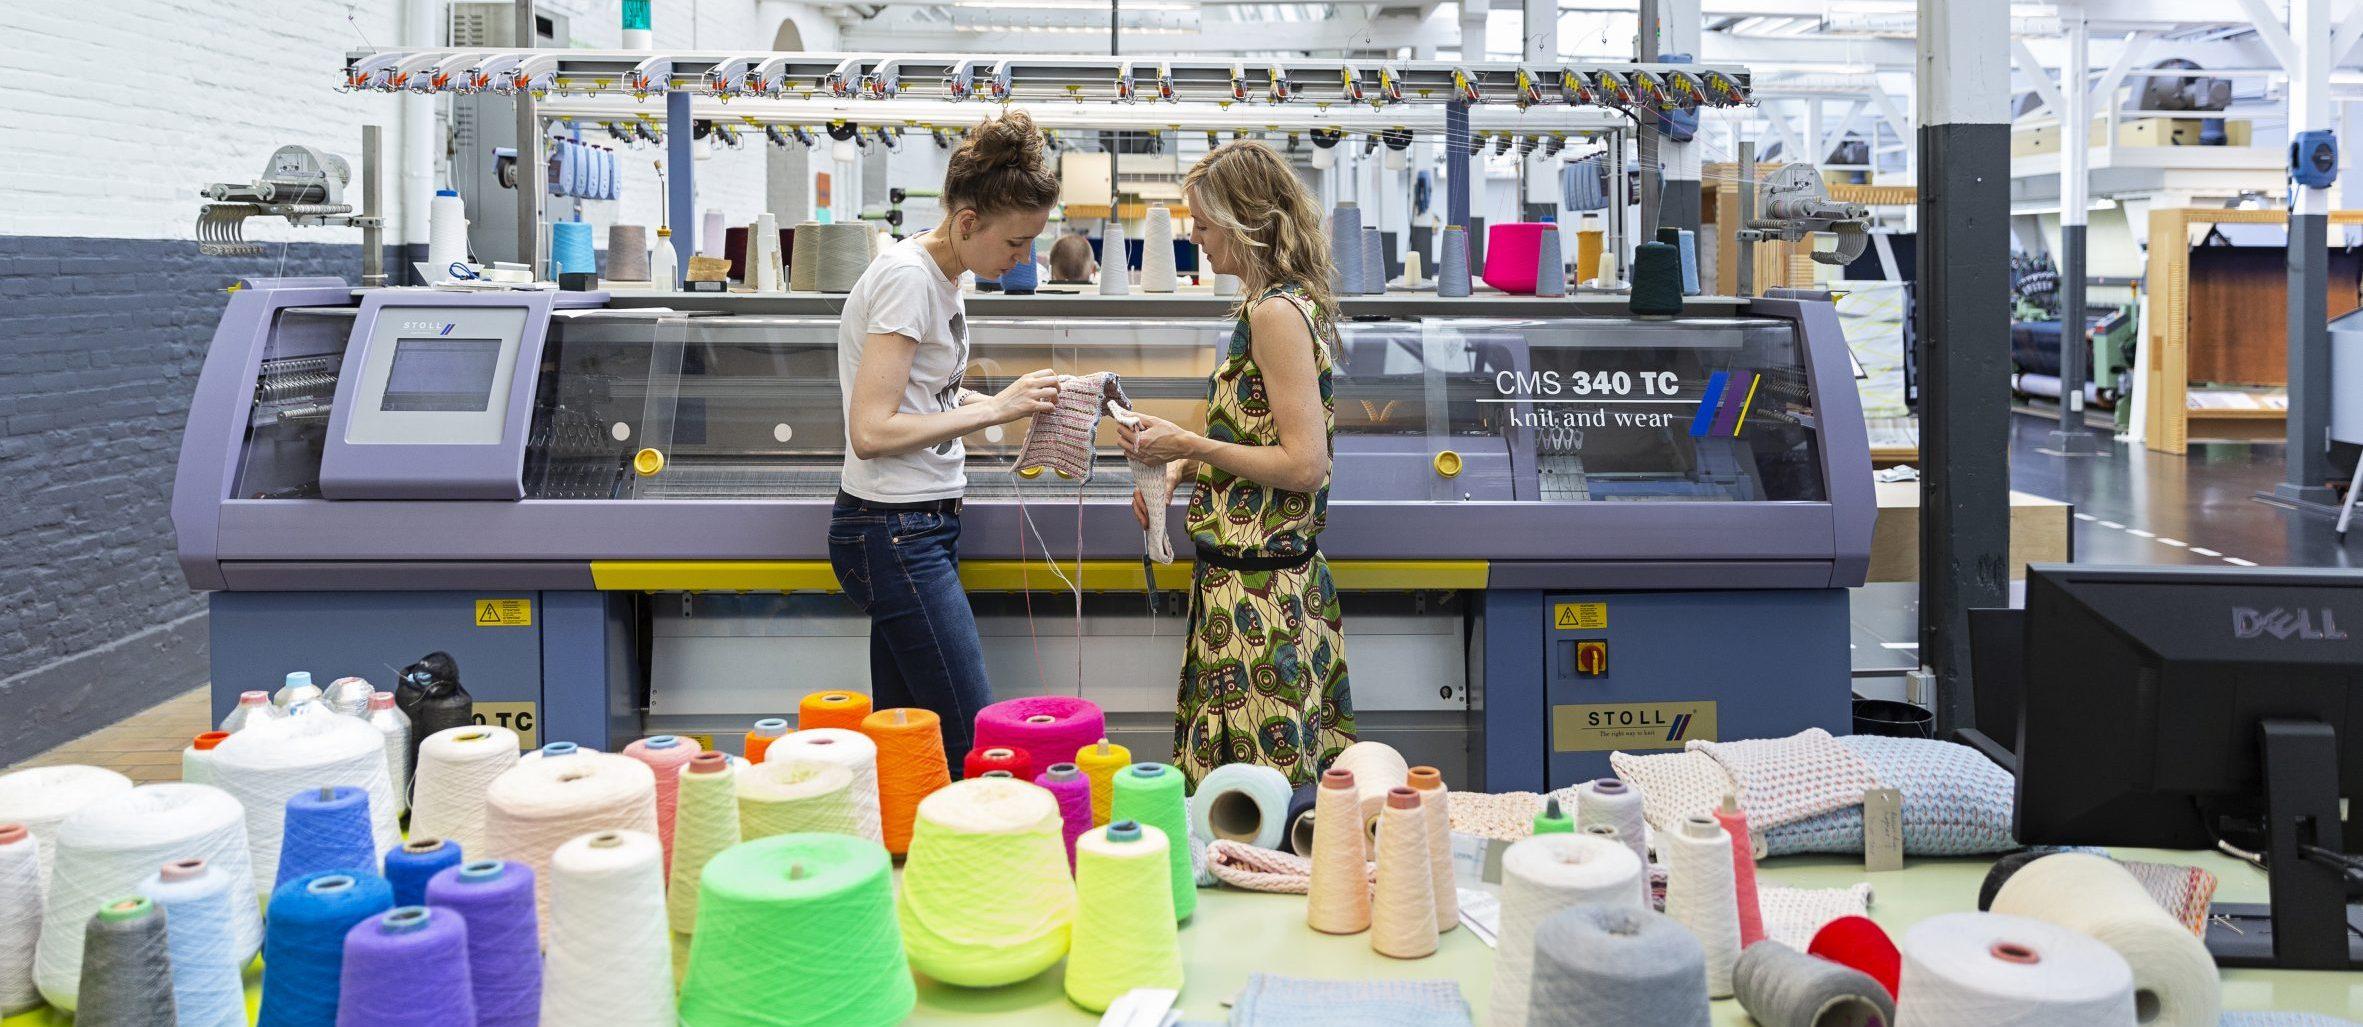 Carole Baijings met productontwikkelaar